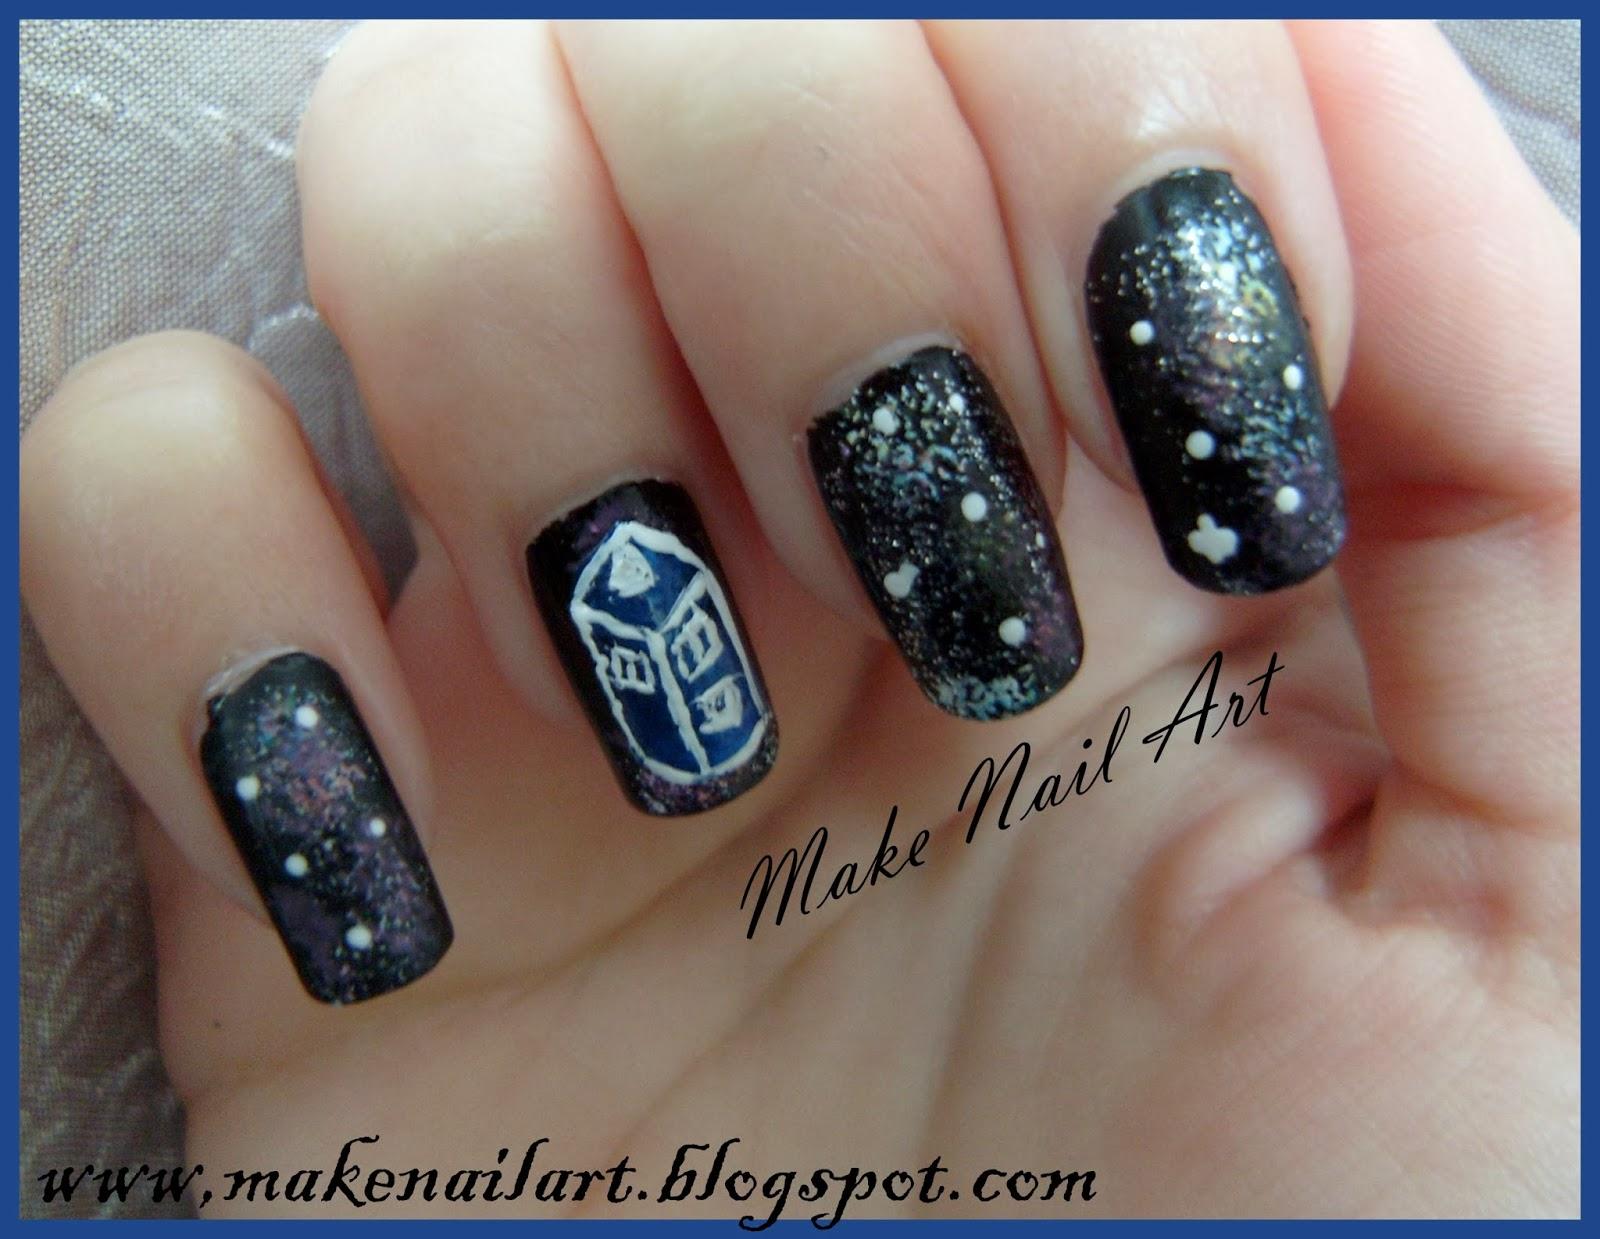 Make nail art november 2013 doctor who tardis nail art tutorial prinsesfo Choice Image